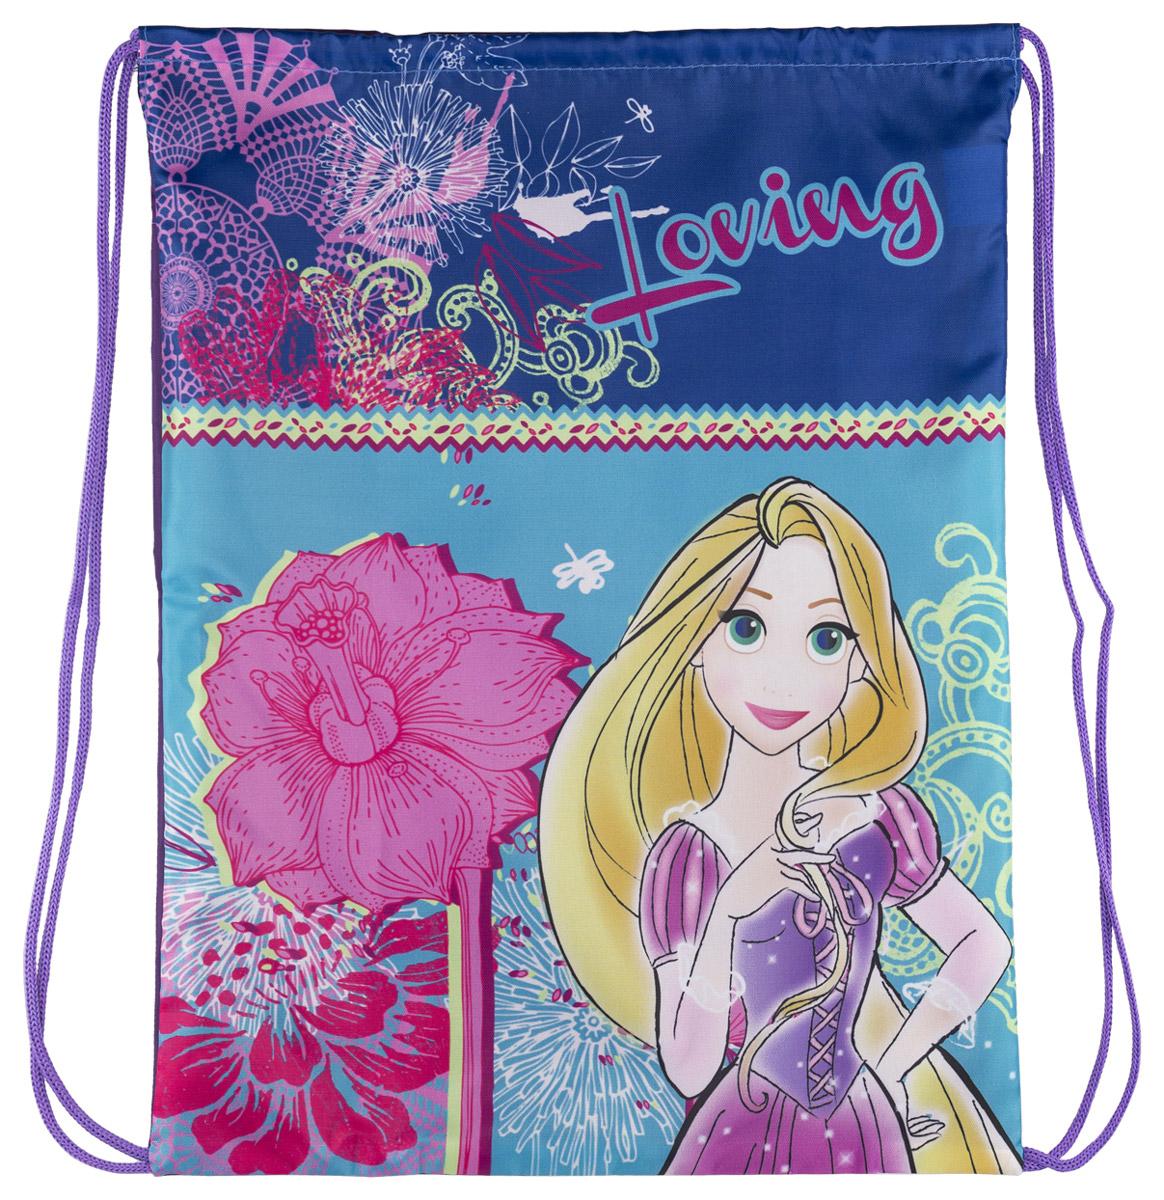 Disney Princess Сумка-рюкзак для обуви Princess цвет голубой PRCB-RT2-880PRCB-RT2-880Сумка для сменной обуви Princess идеально подойдет как для хранения, так и для переноски сменной обуви и одежды. Сумка выполнена из прочного полиэстера и содержит одно вместительное отделение, затягивается сверху шнуром-лямкой и носится как рюкзак. Оформлено изделие изображением персонажа мультфильма Princess.